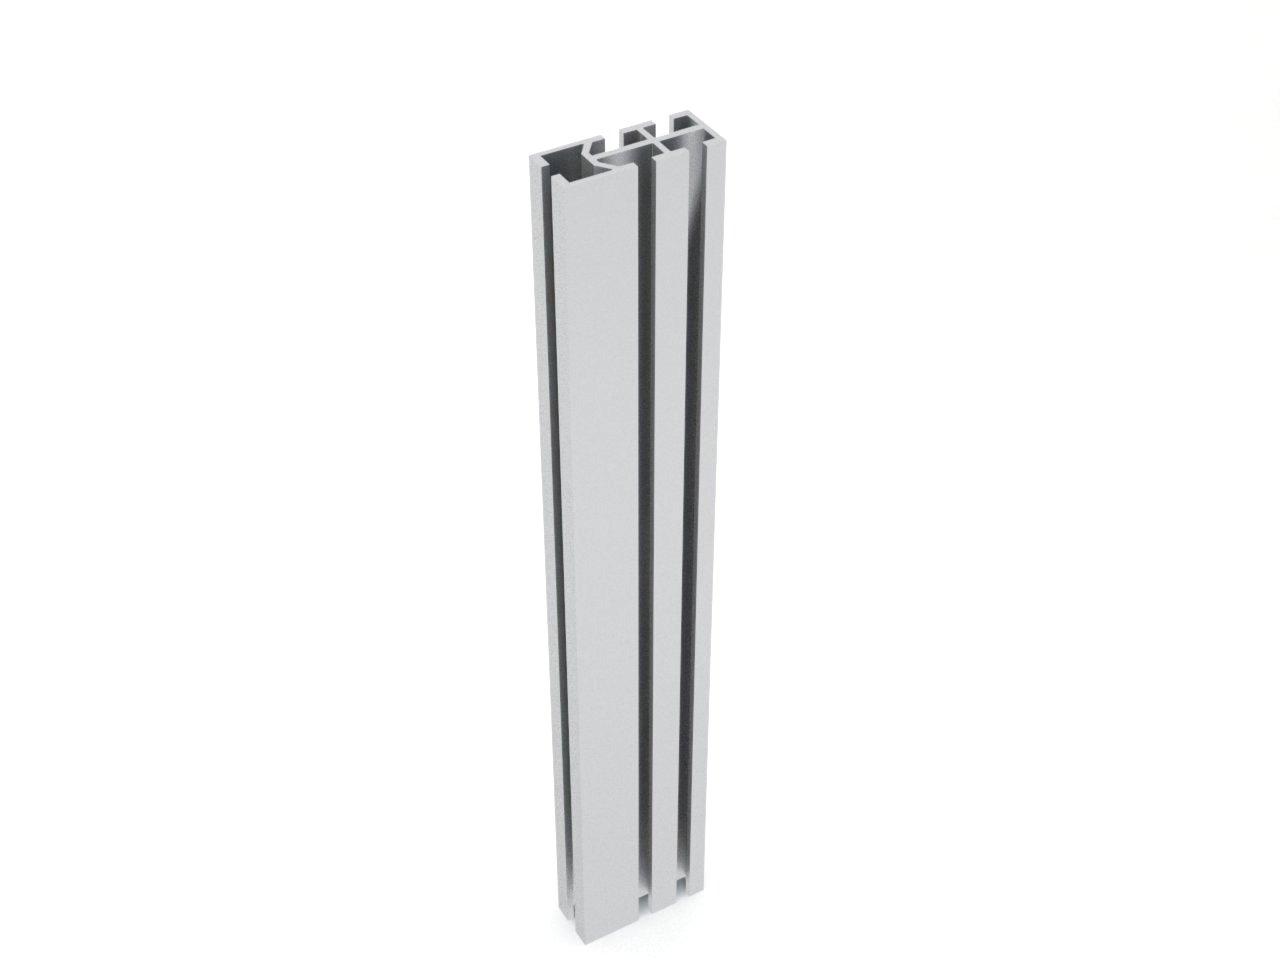 perfil de alumínio para montagem de estrutura stands lojas divisórias octanorm